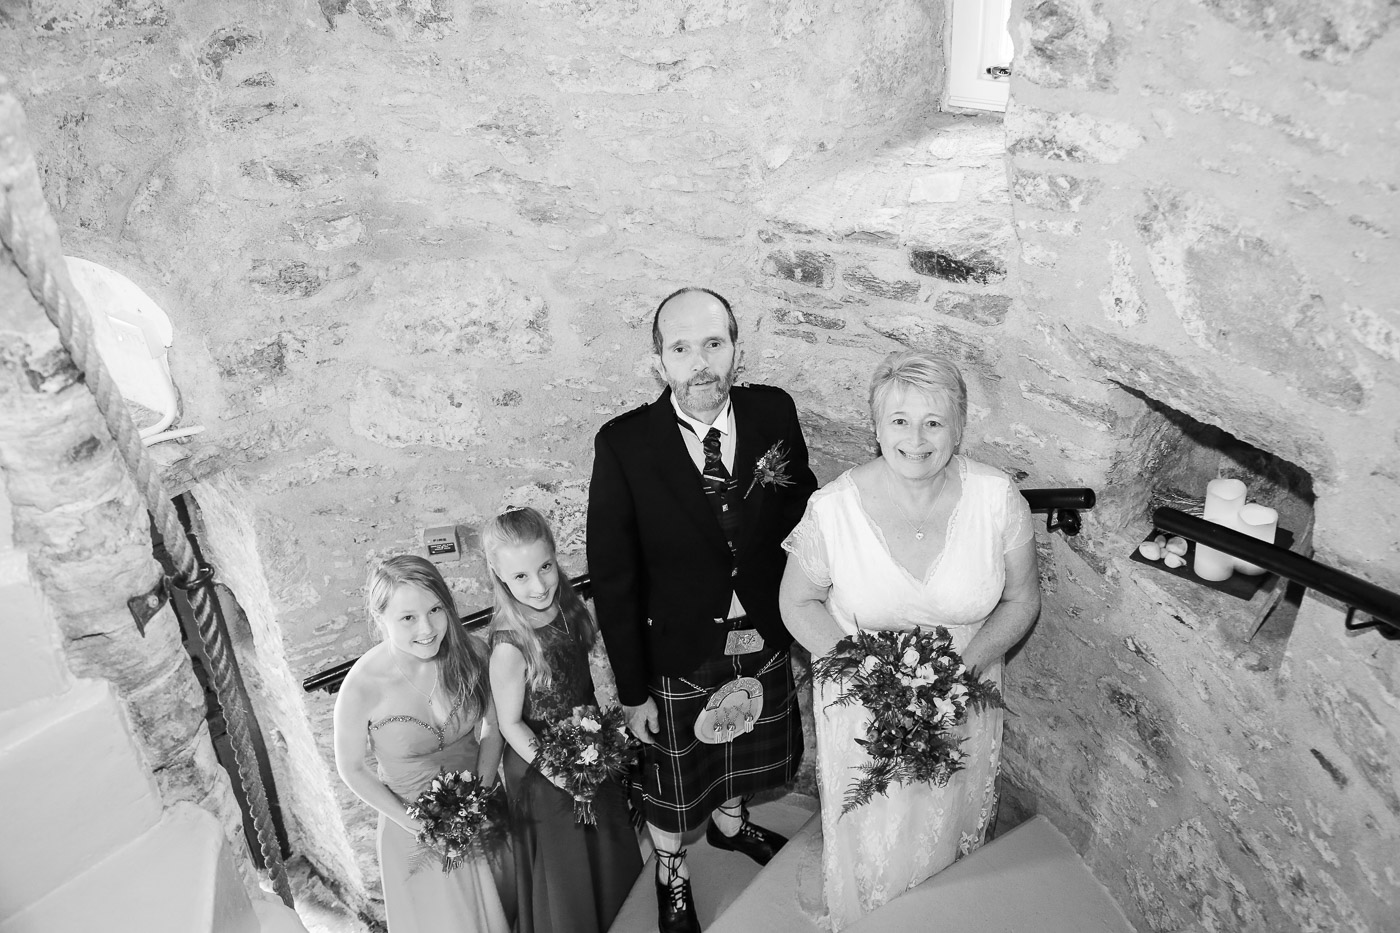 wedding-photography-at-barcaldine-castle-argyll-3071-2